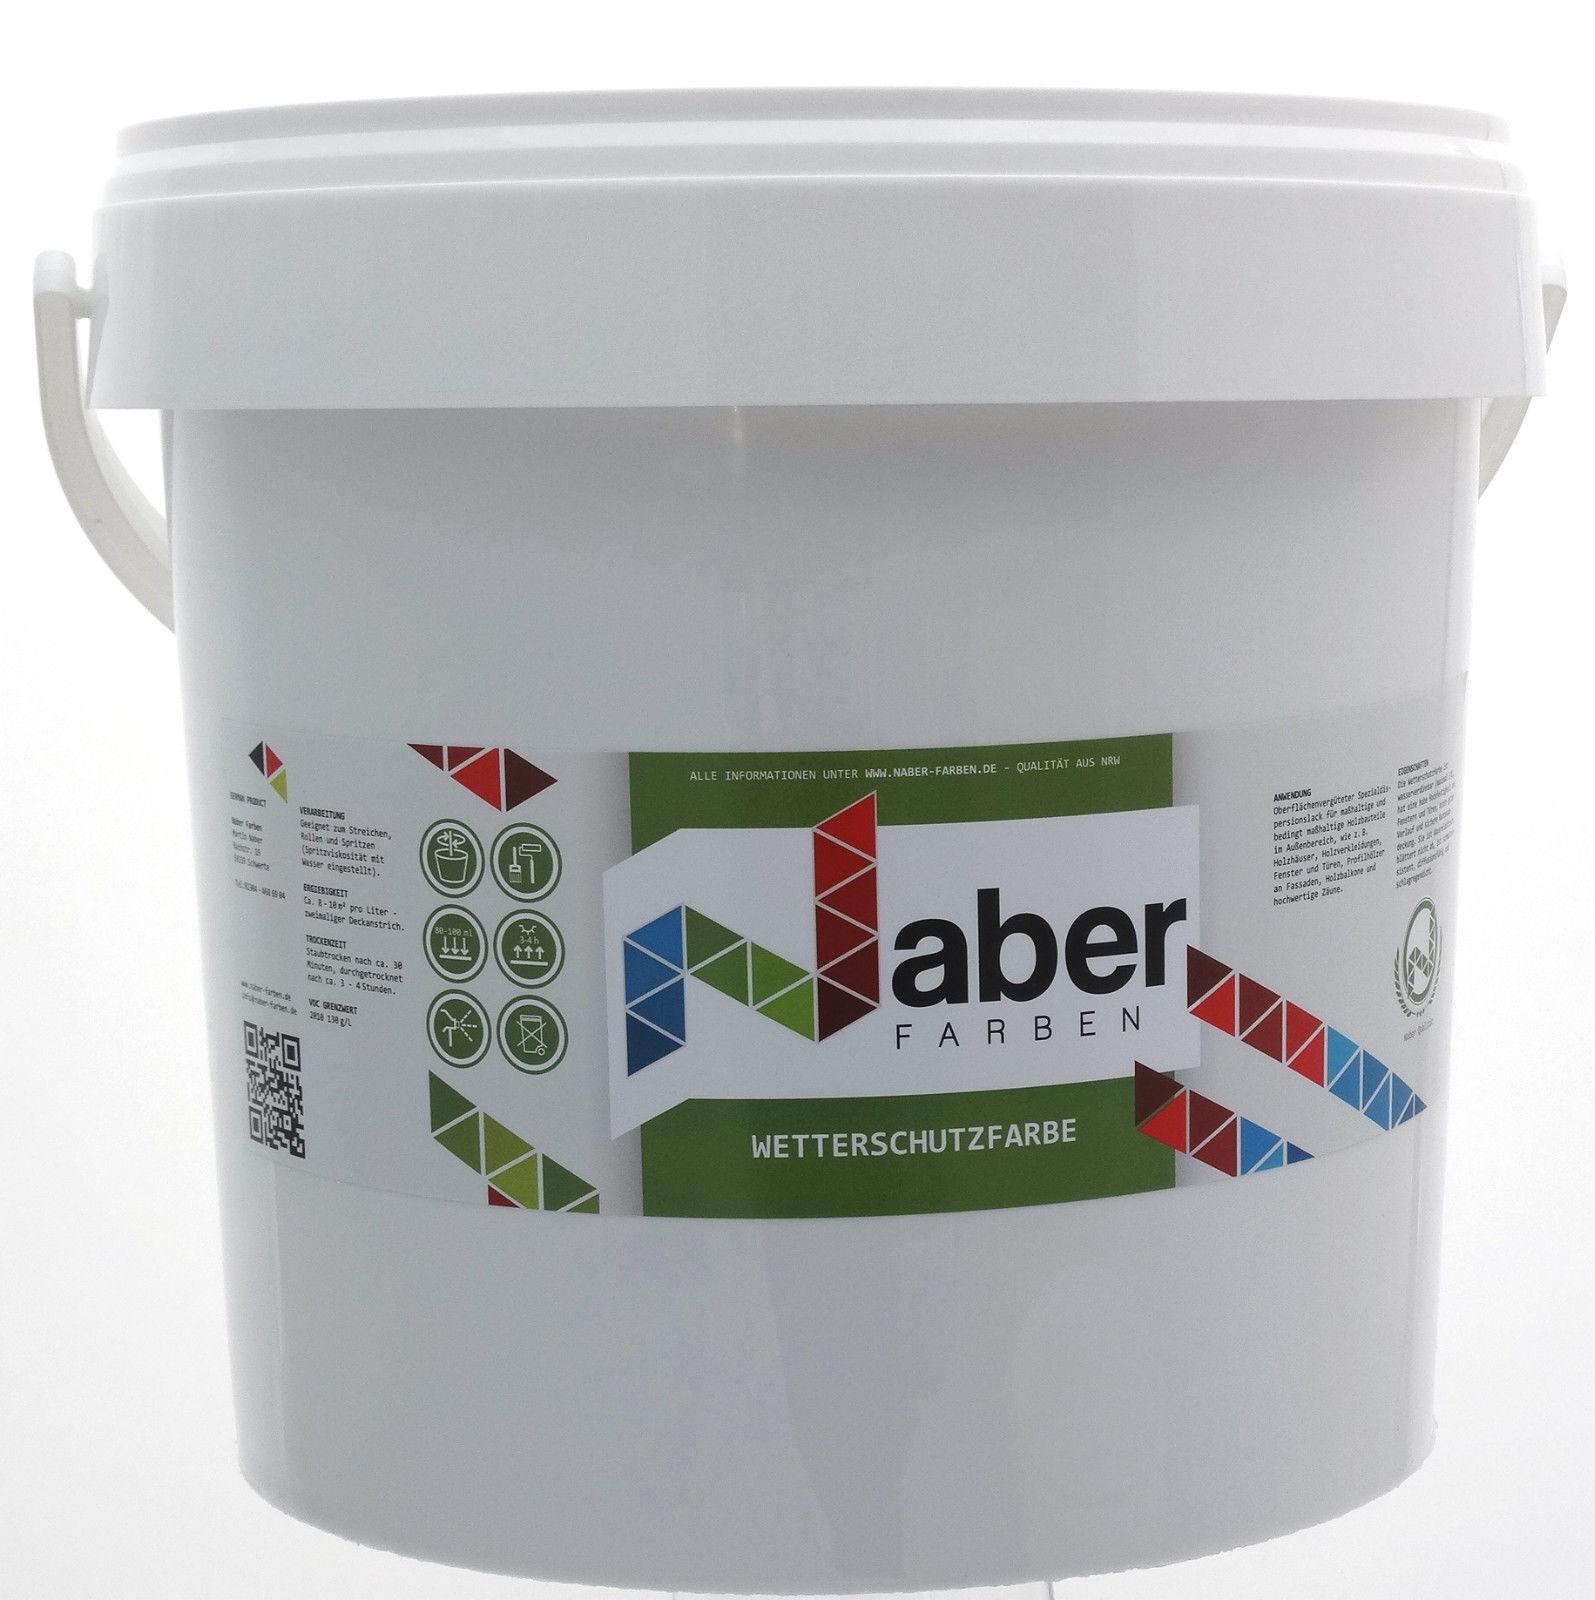 ( /L) 10 10 10 Liter - Wetterschutzfarbe - RAL 4005 BLAULILA - MATT - caab97